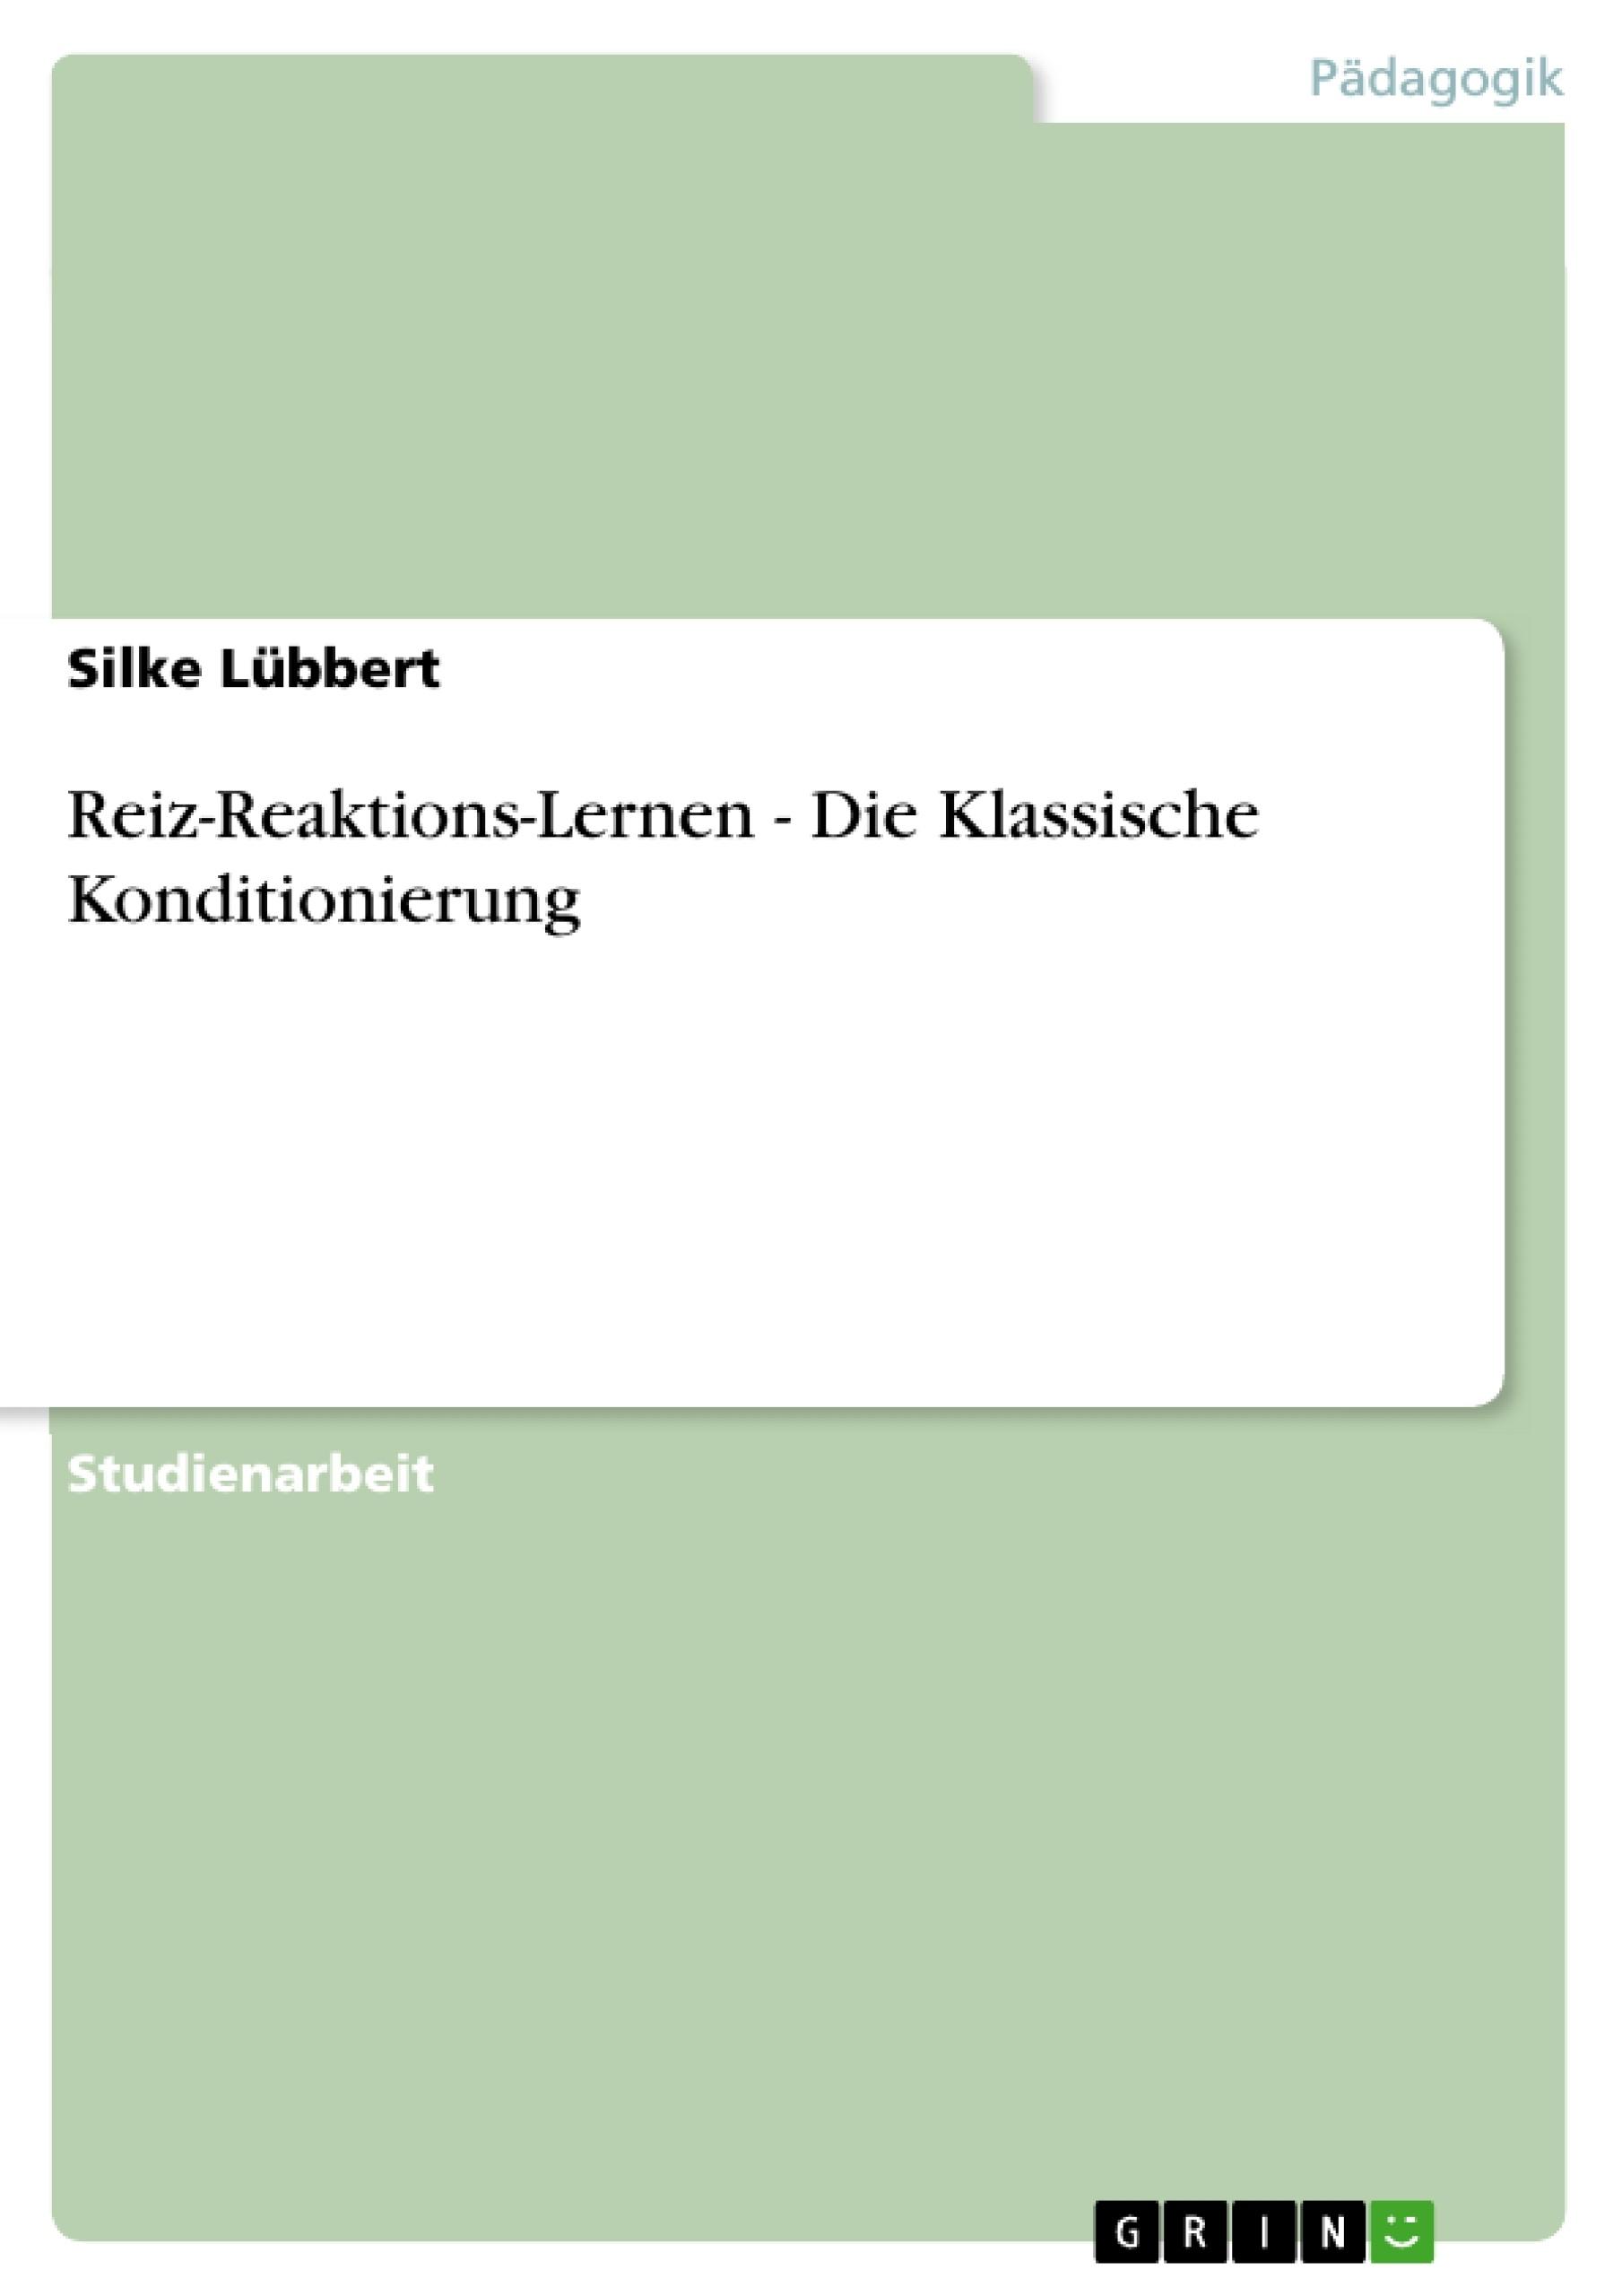 Titel: Reiz-Reaktions-Lernen - Die Klassische Konditionierung